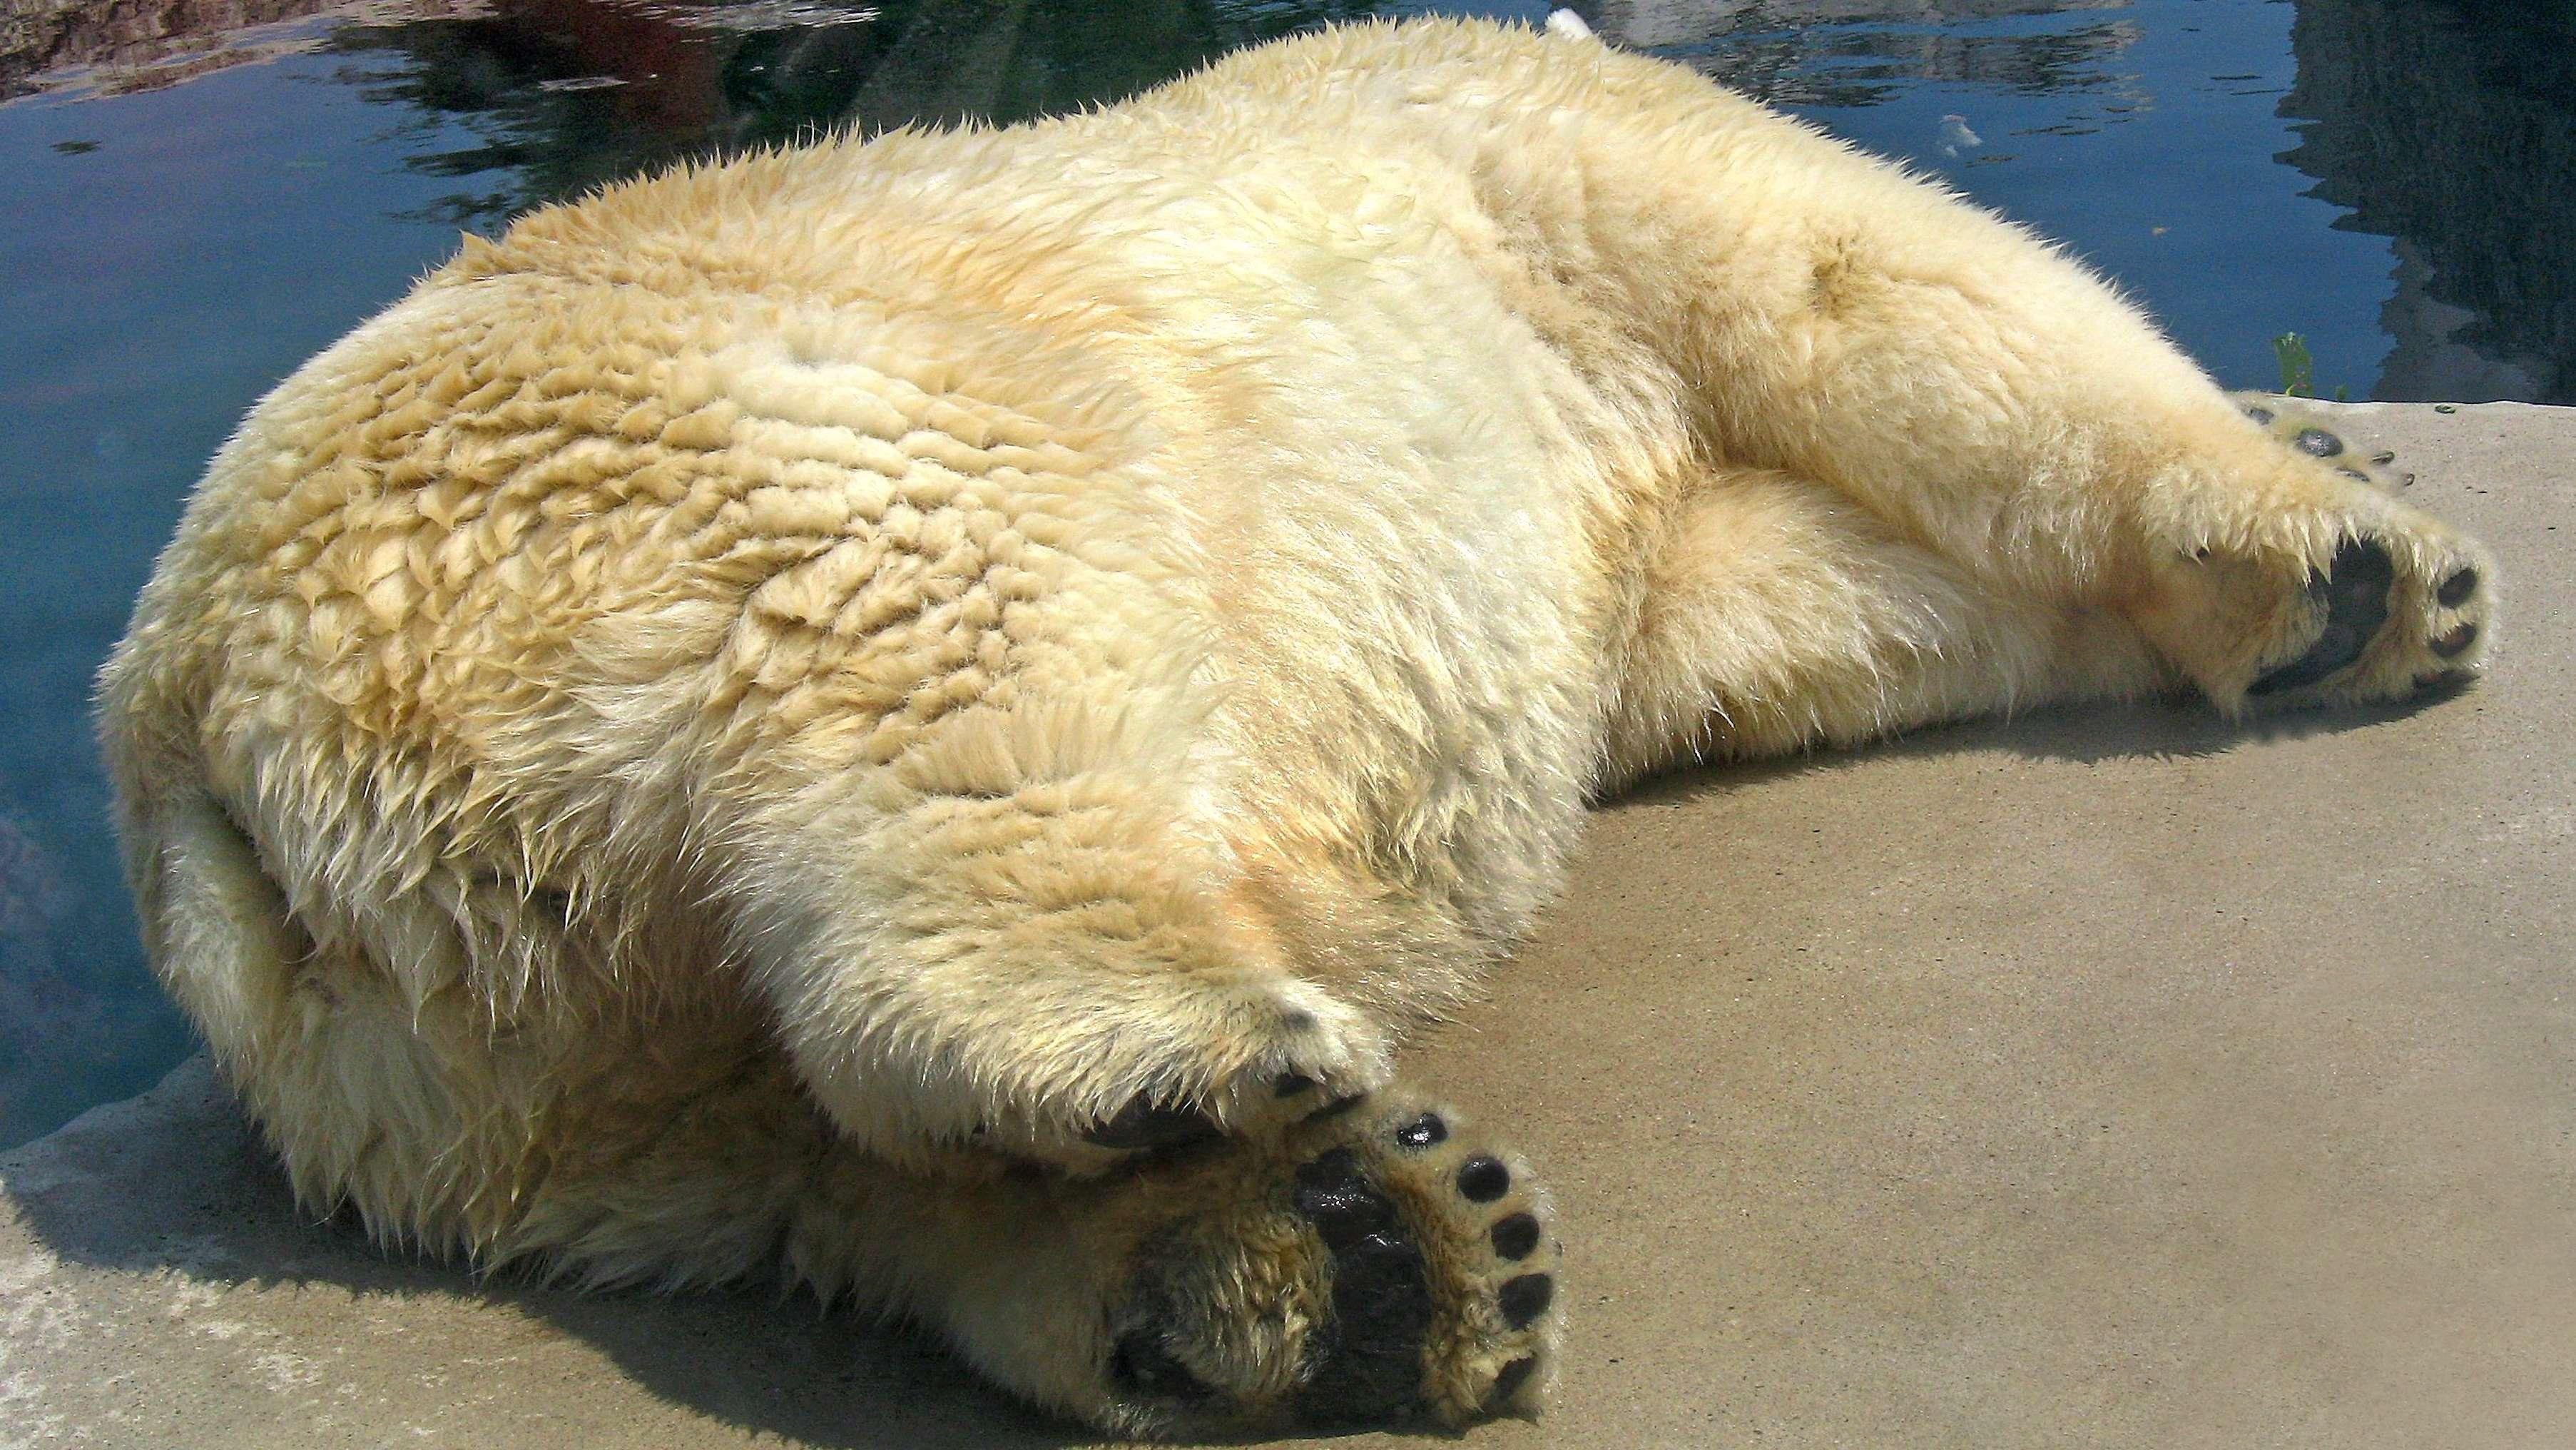 Ein ermatteter Eisbär ruht sich gerne auf der Seite liegend aus.